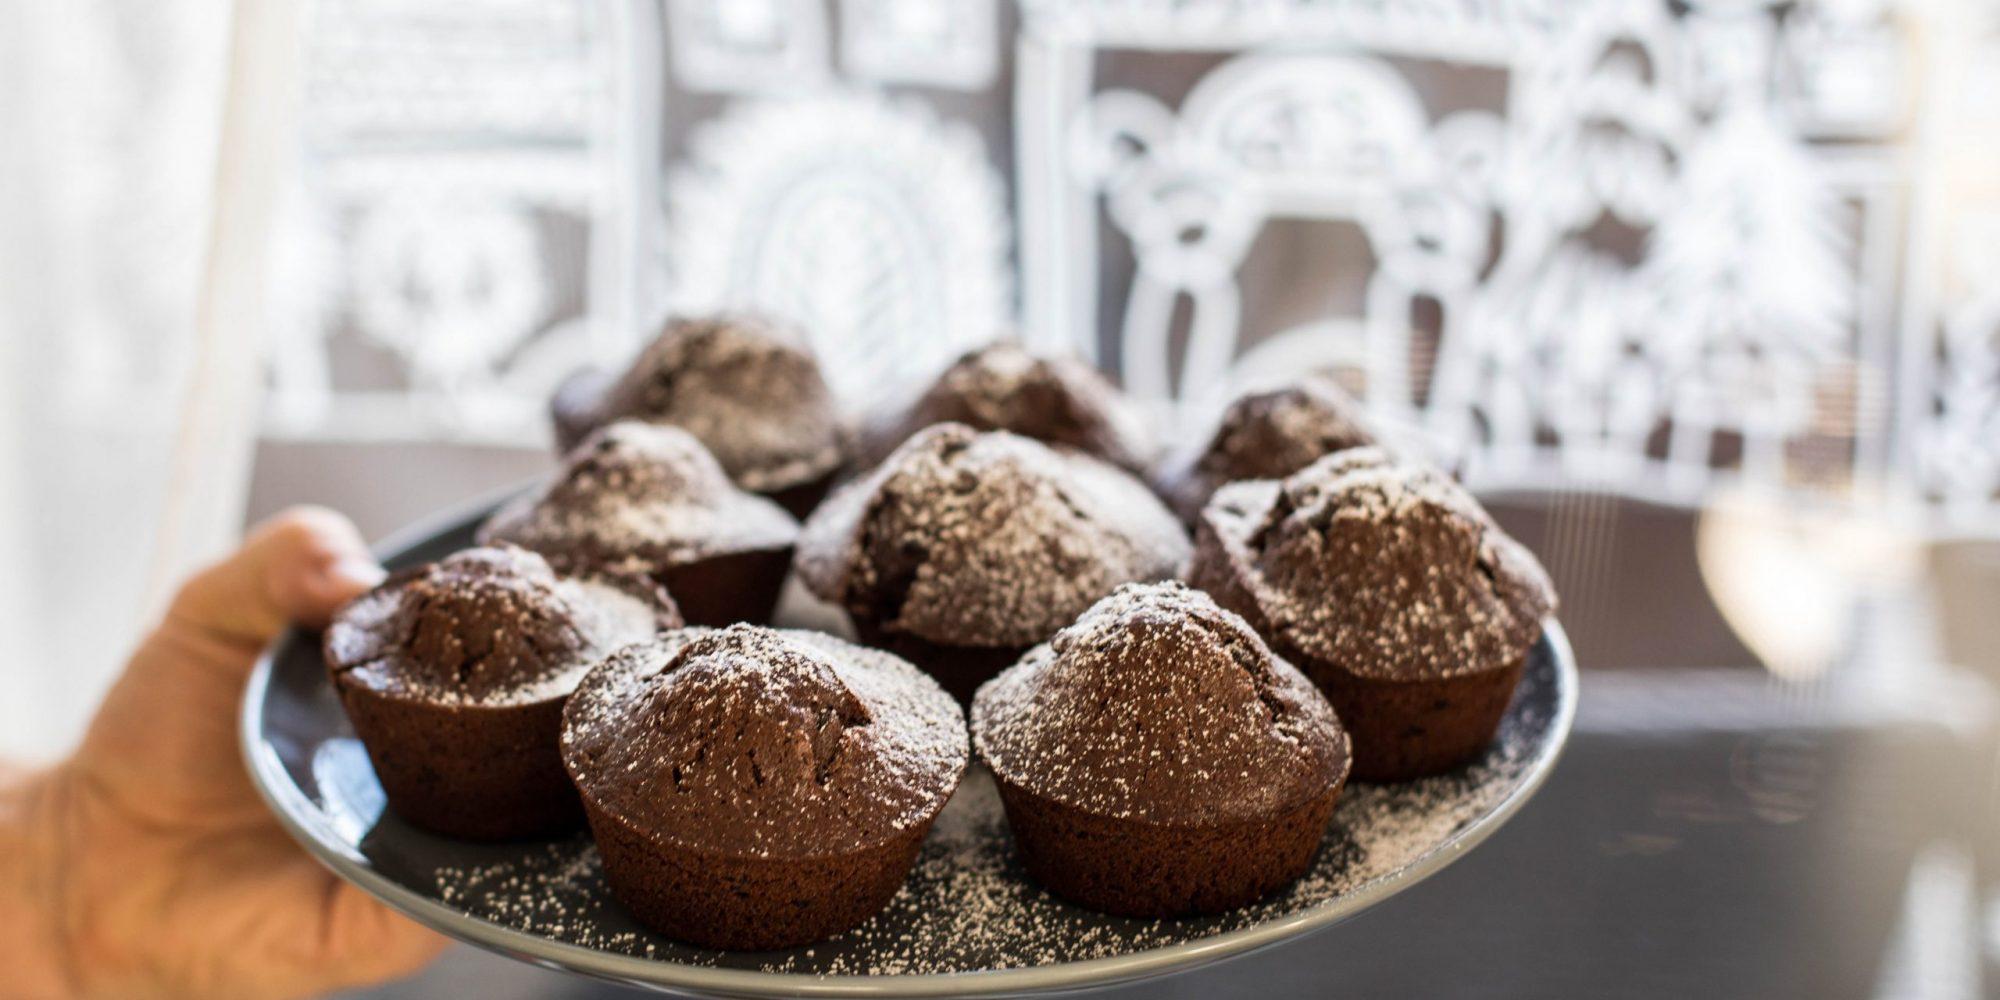 Muffins bearbeitet